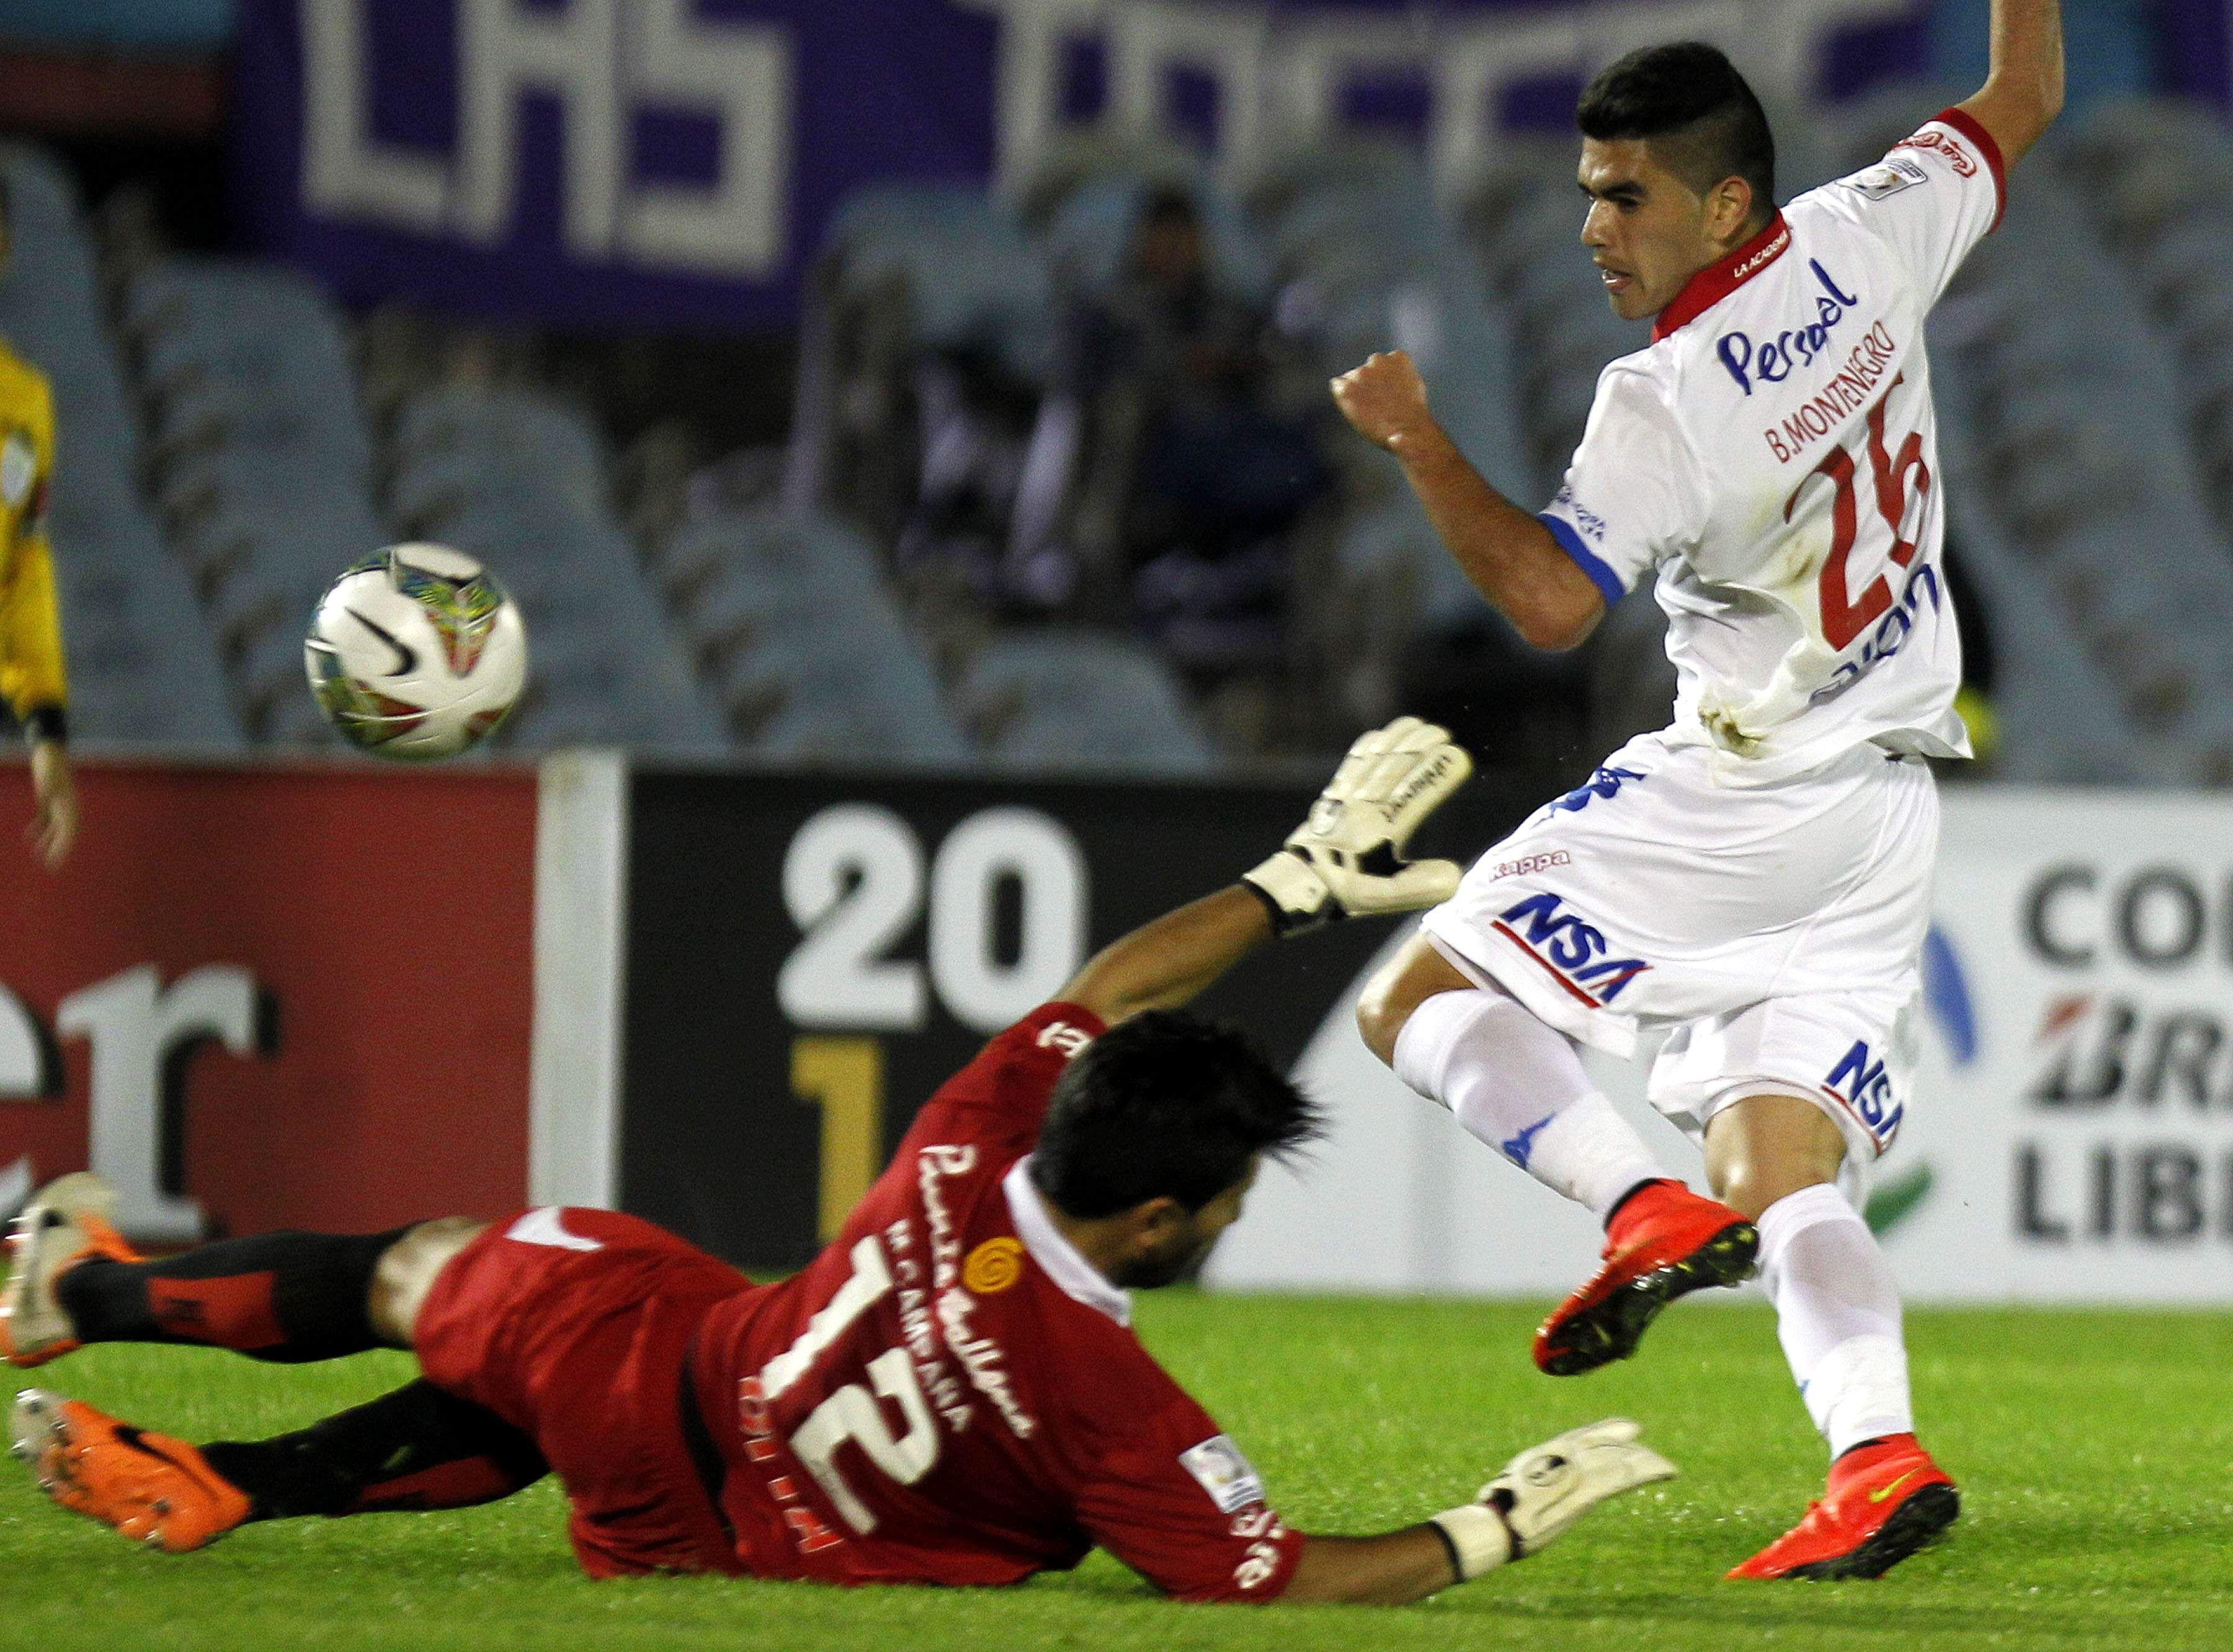 Brian Montenegro jugará en la 2ª División del Fútbol Inglés. Foto: Última Hora.